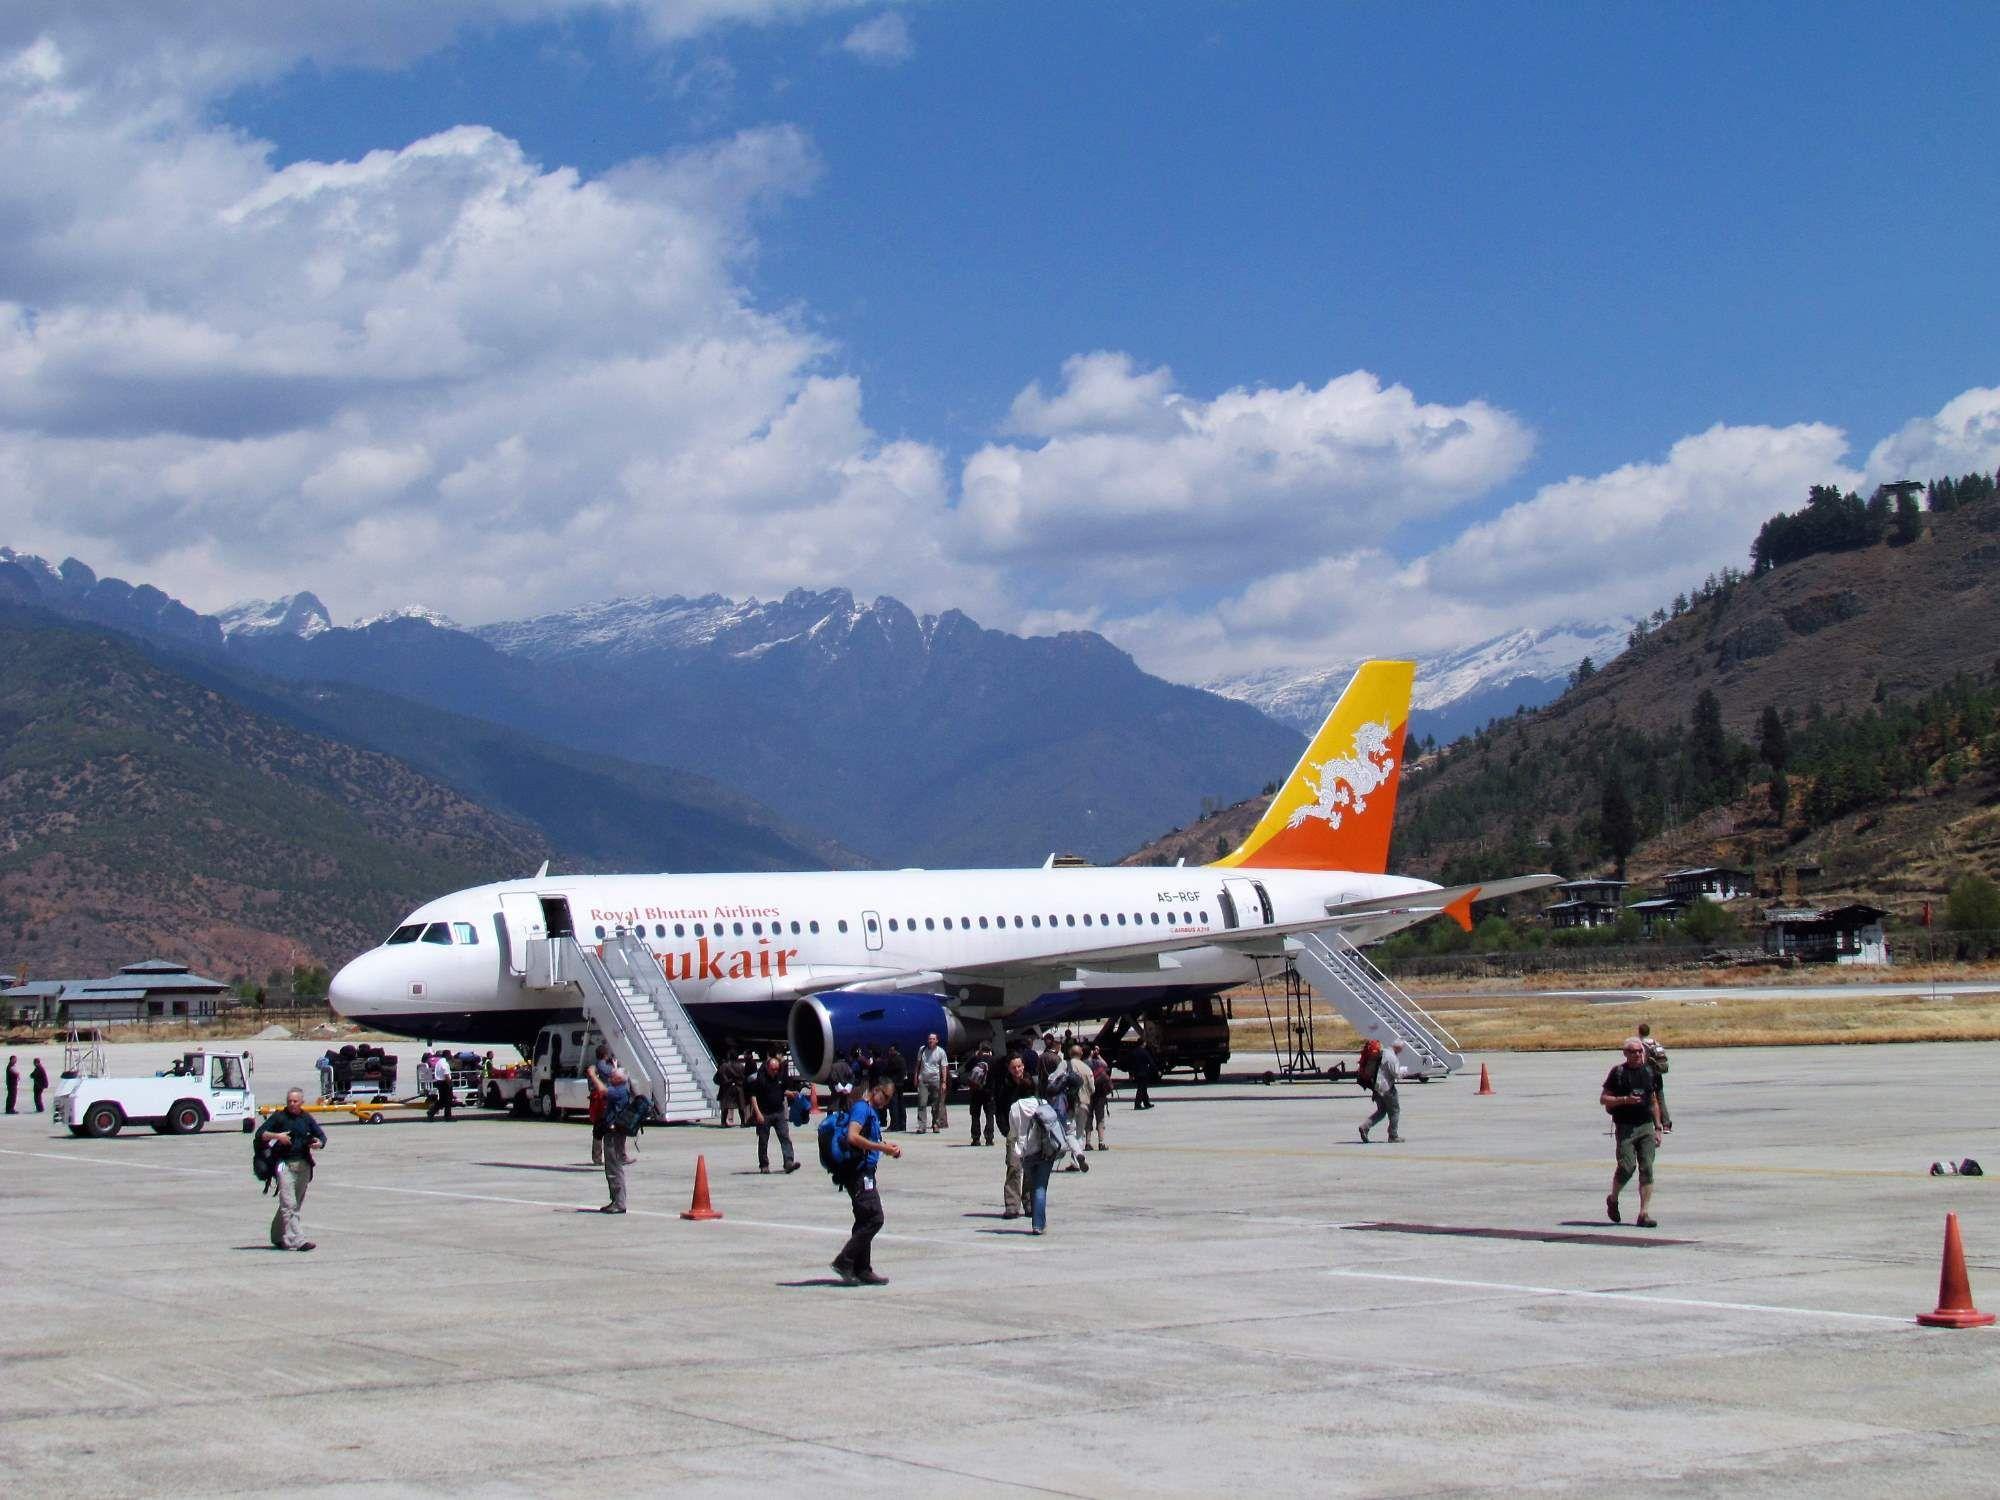 After Landing At Bhutan Airport Bhutan Airport Plane Bhoutan